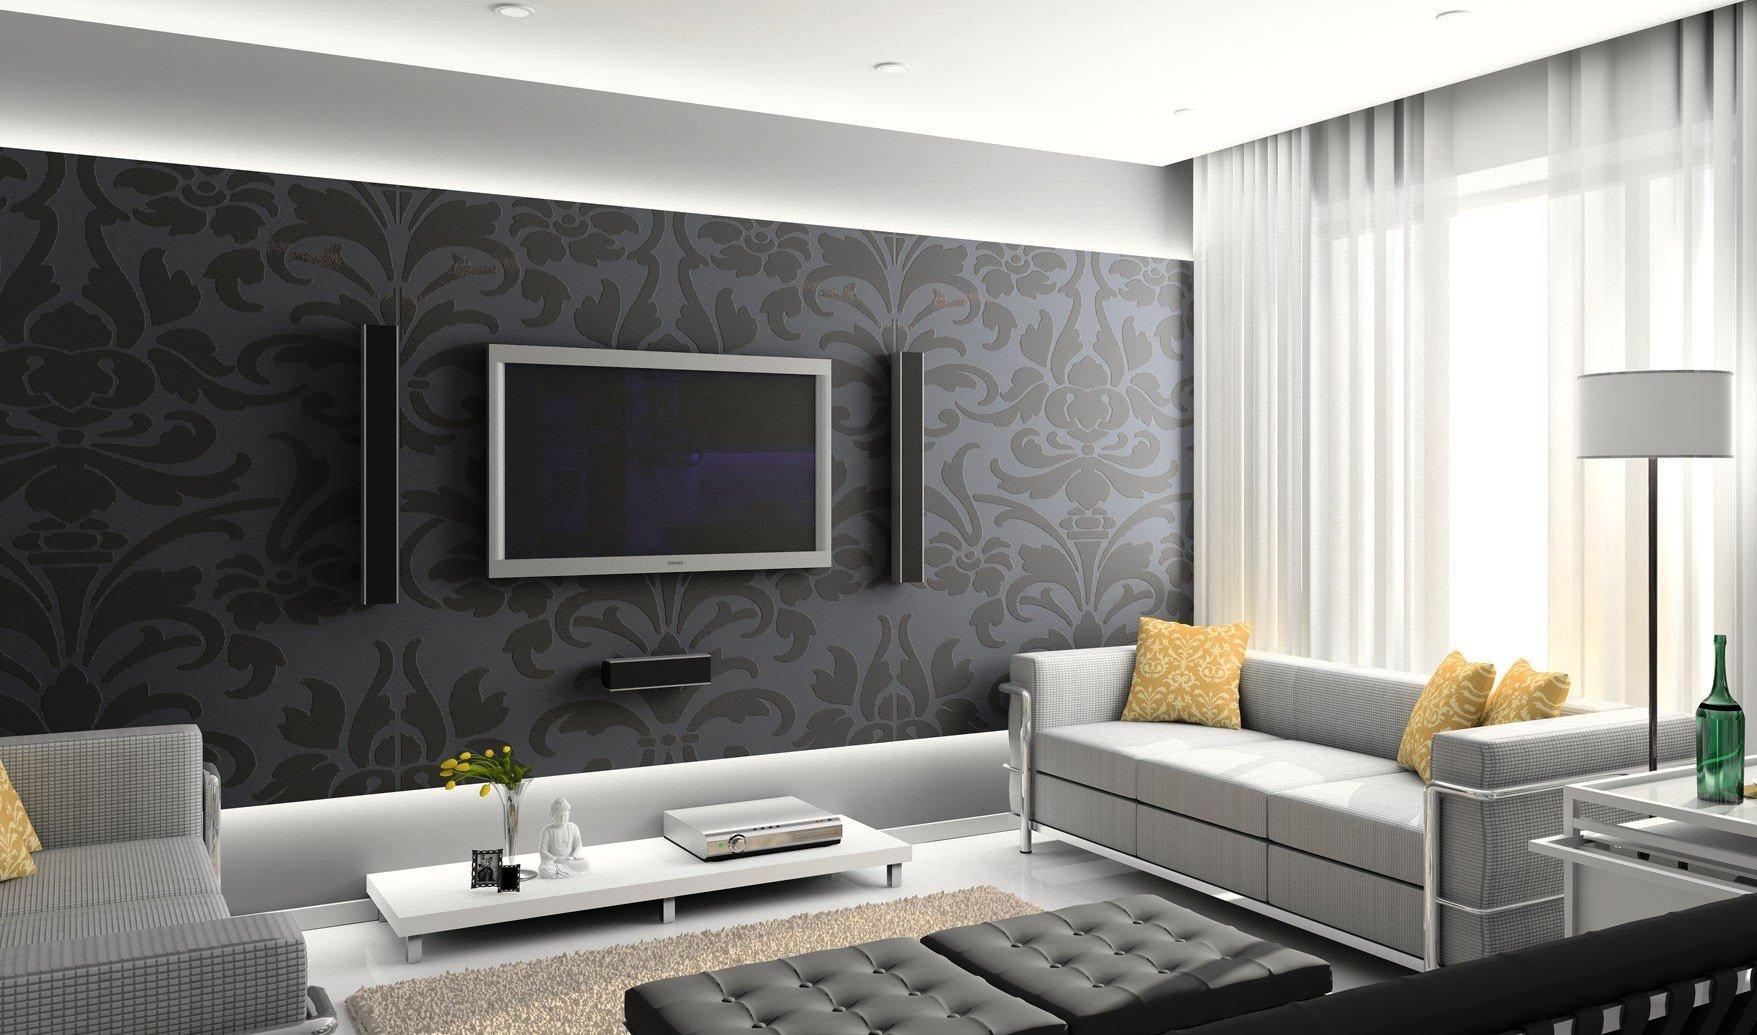 Дизайн обоев зала в квартире фото